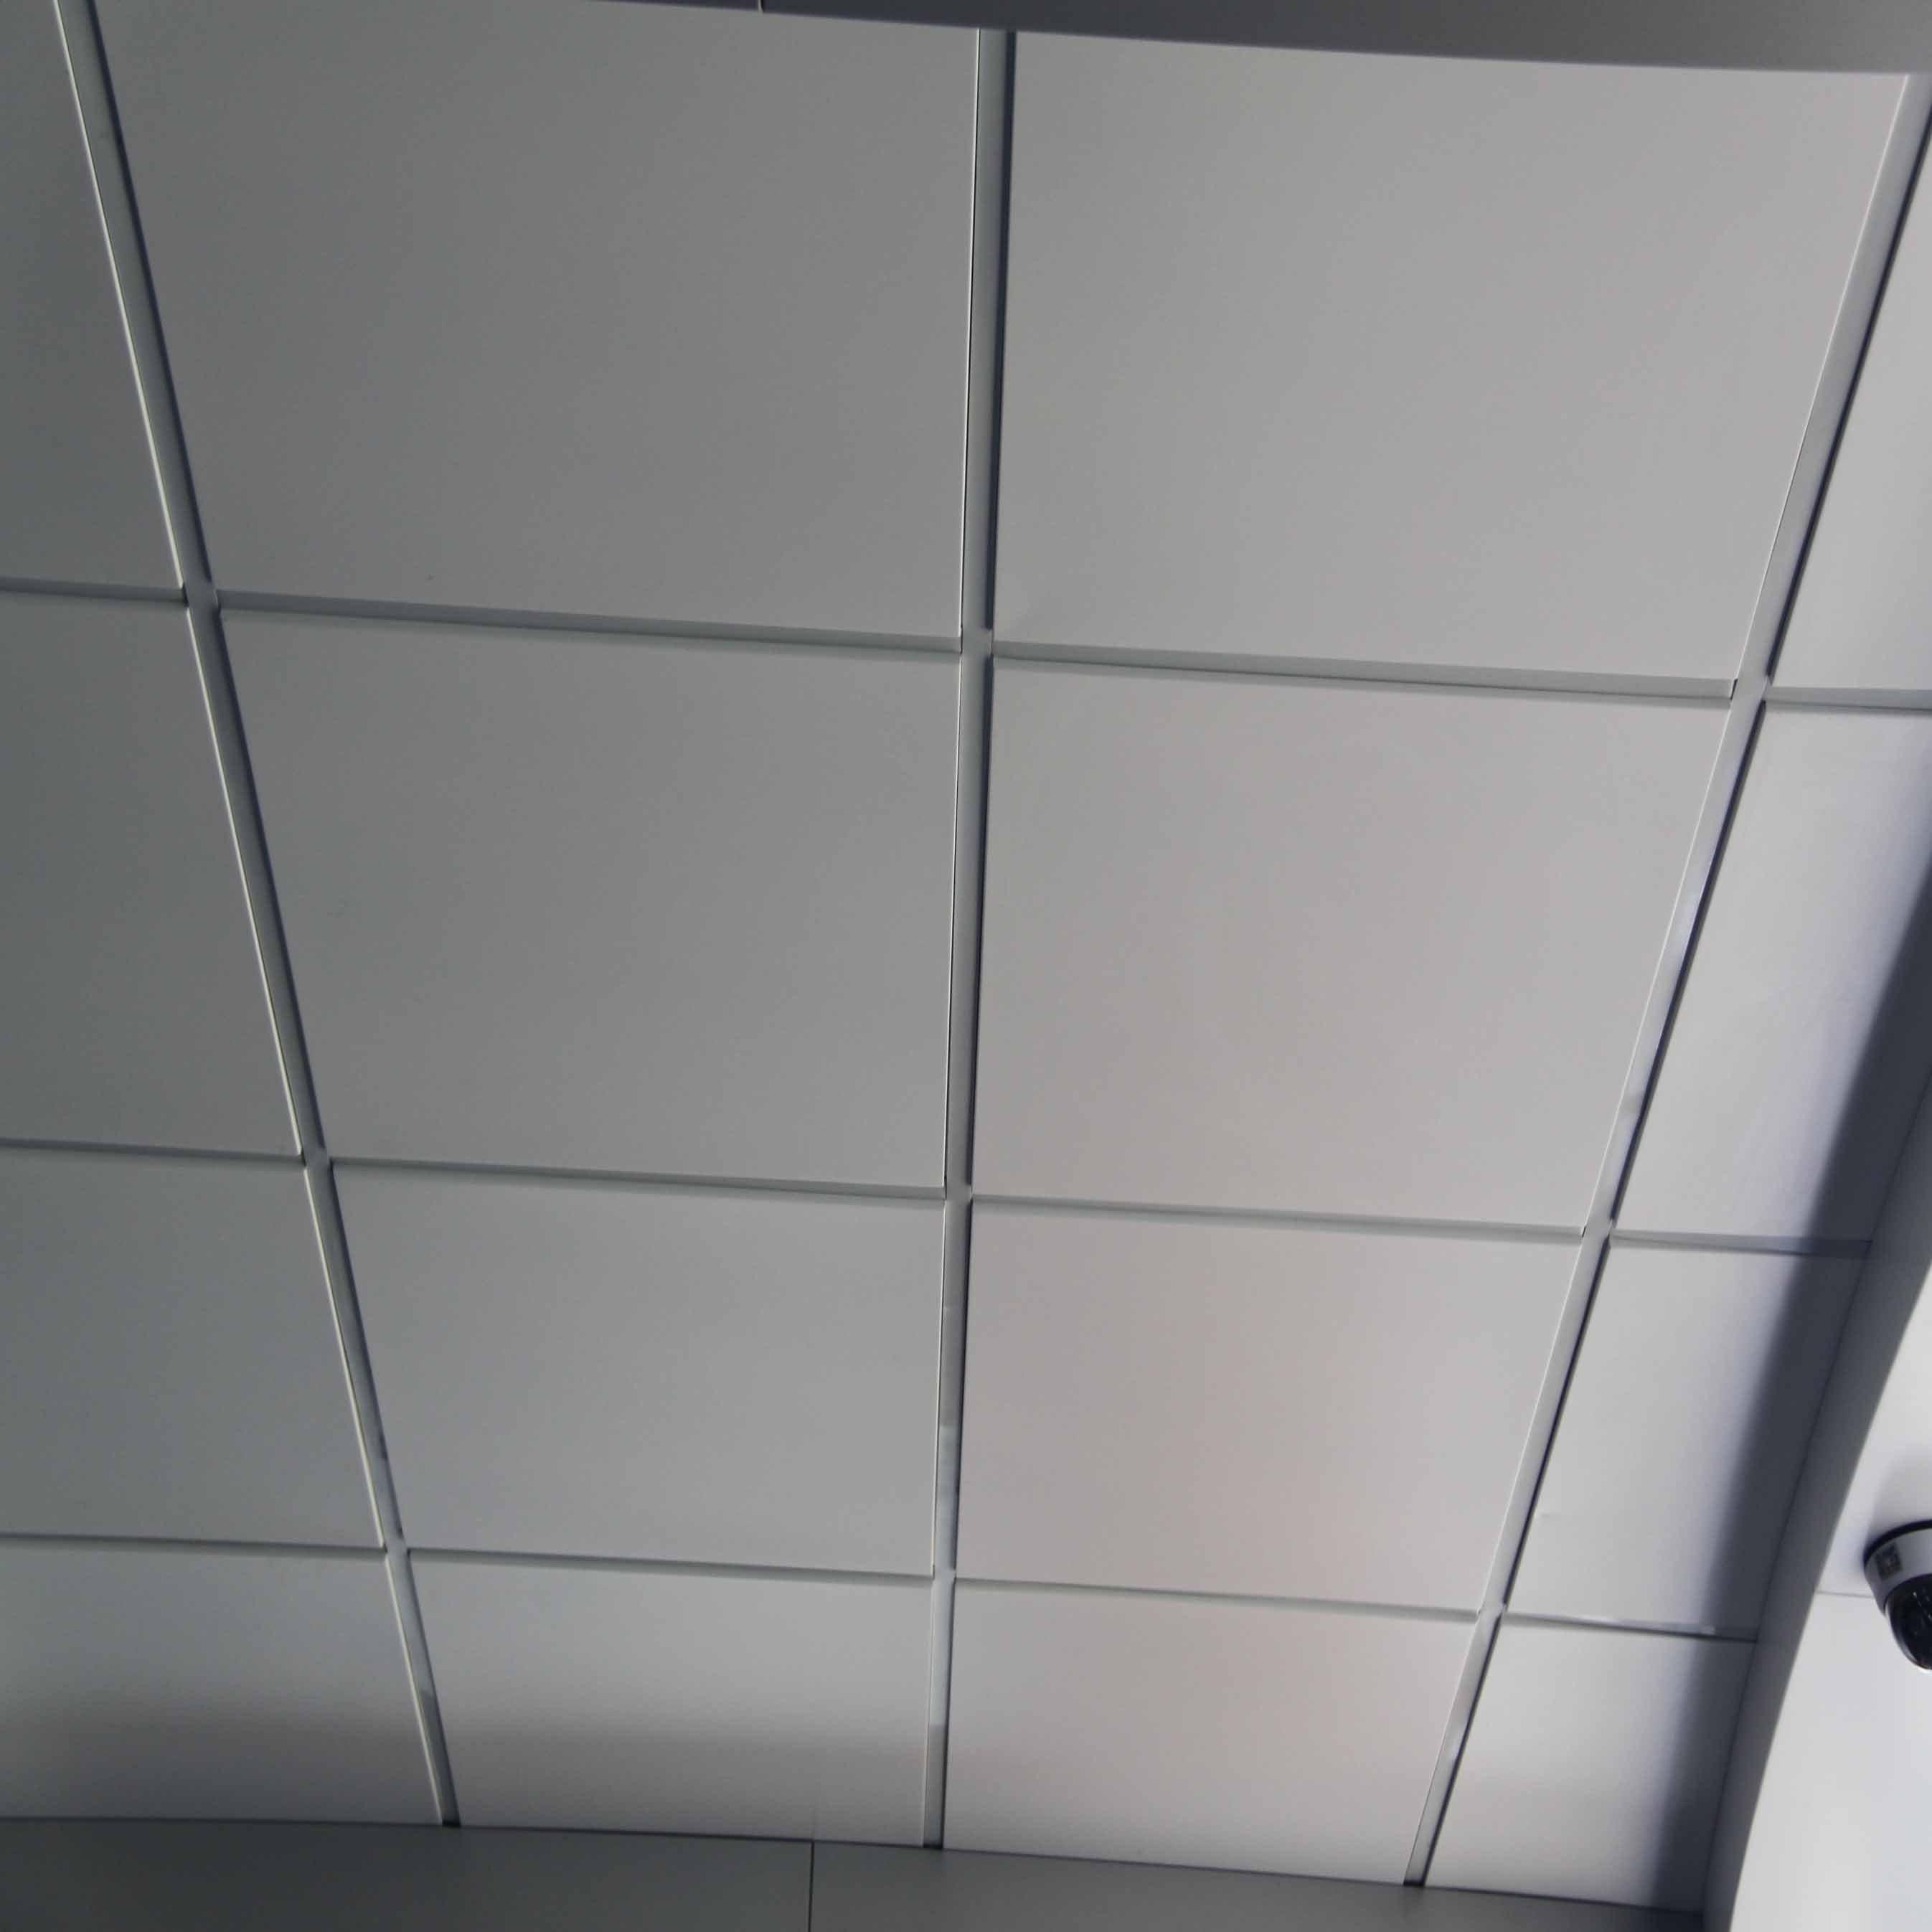 Ceiling tile hooks